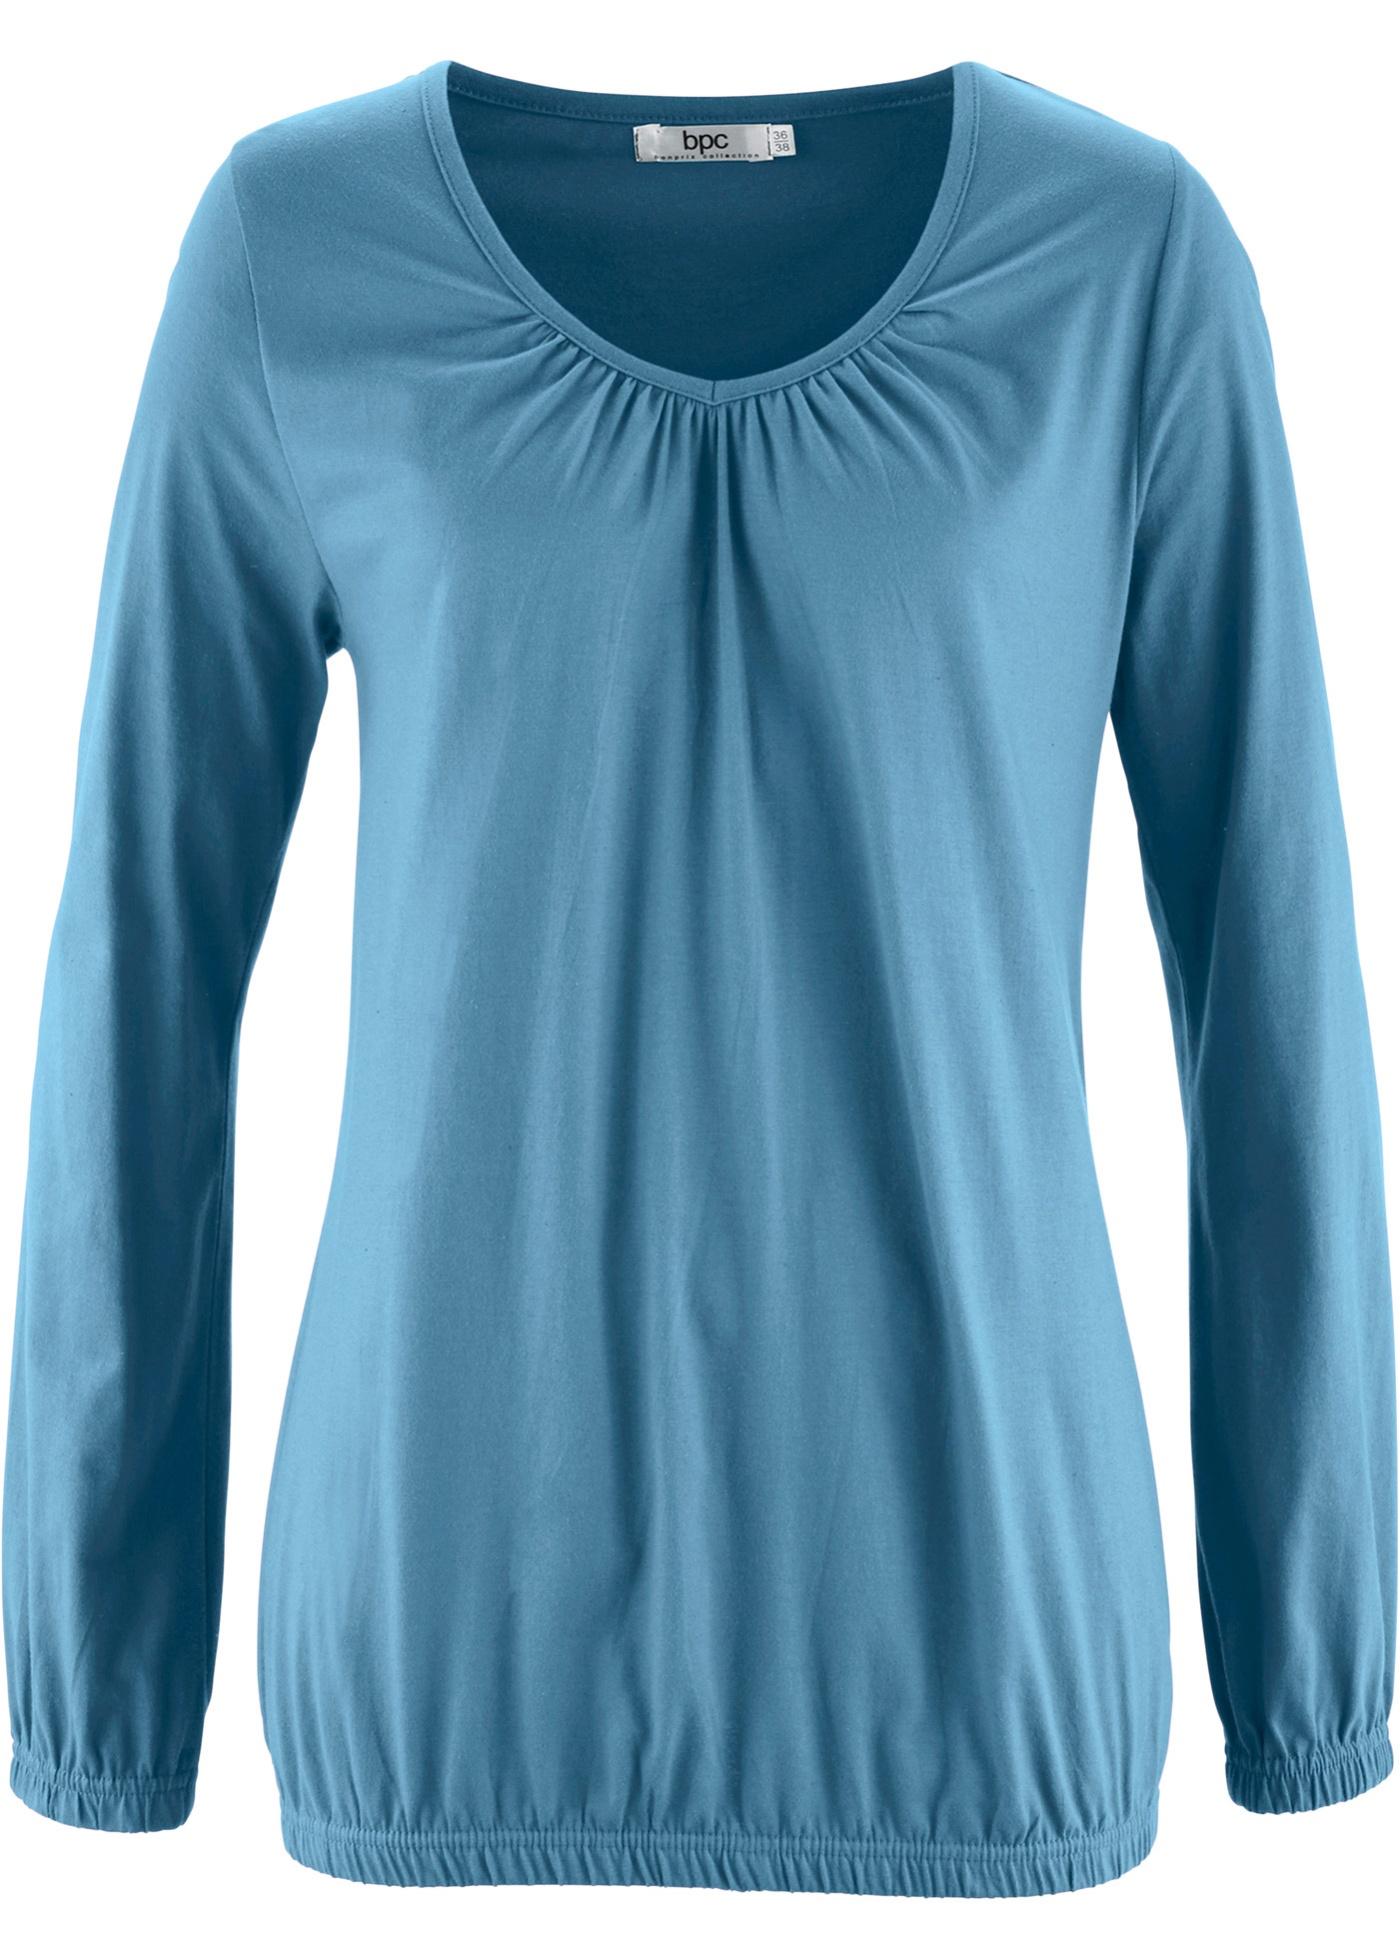 Manches Pour CollectionT Bpc Bonprix shirt Longues Femme Bleu rBtdhsQxC